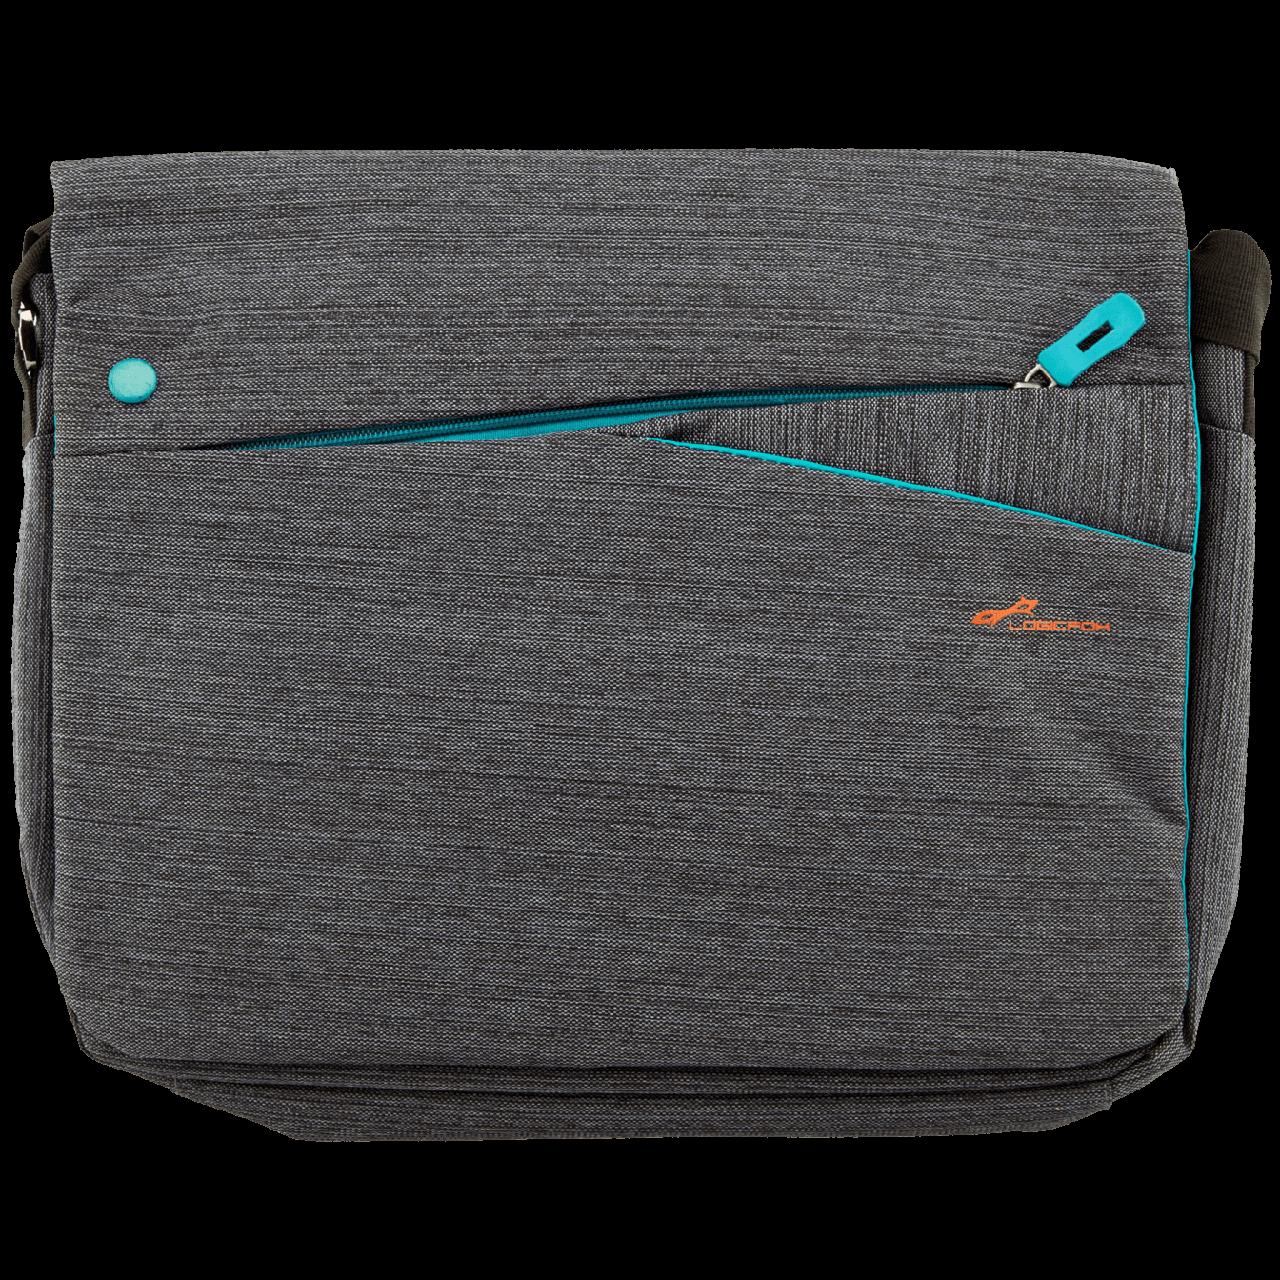 """13.3"""" LF-1310R Сумка для нетбука, планшета до 13.3"""" серый, плечевой ремень (2716)"""